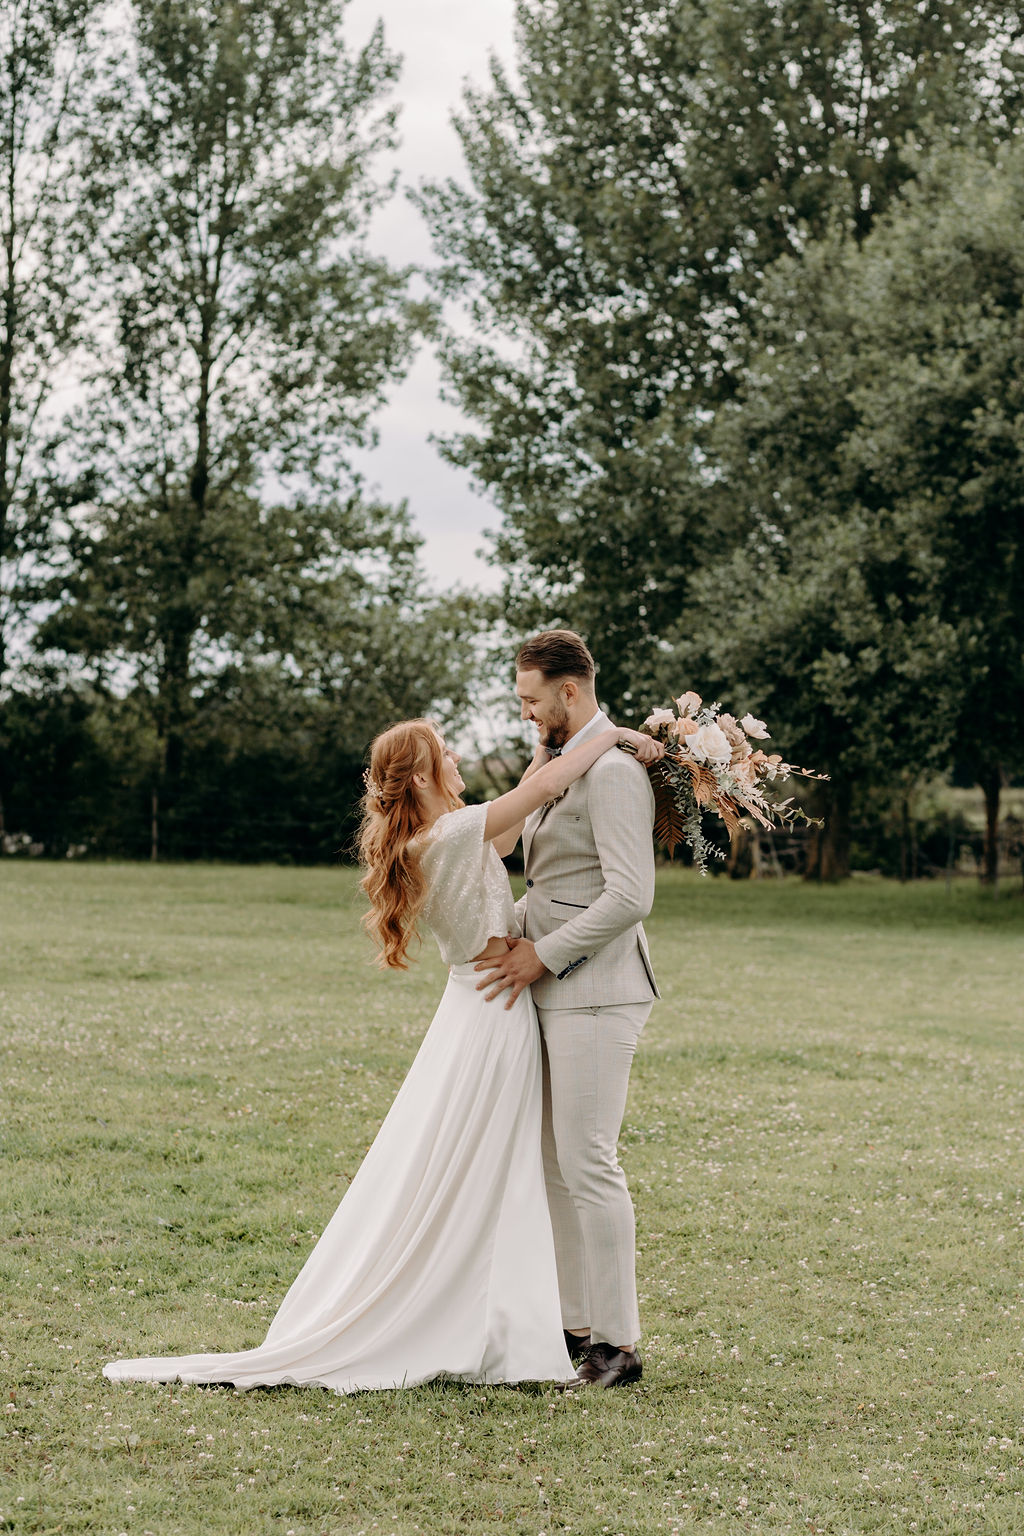 sustainable boho wedding - bohemian micro wedding - boho elopement - sustainable wedding - unconventional wedding